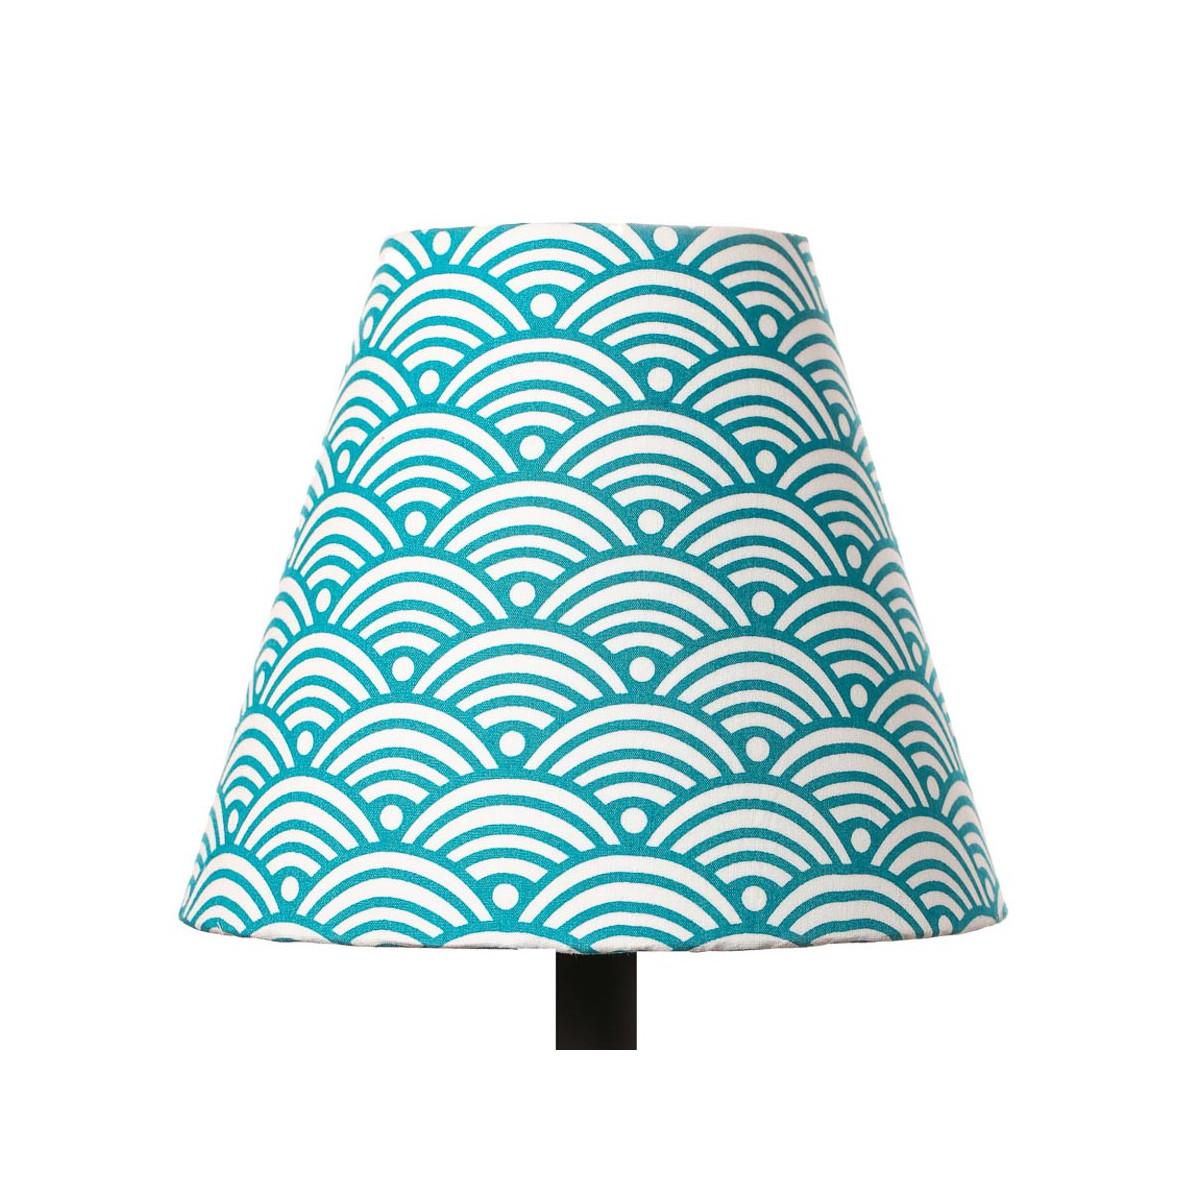 Petit abat-jour conique lampe bleu canard nami